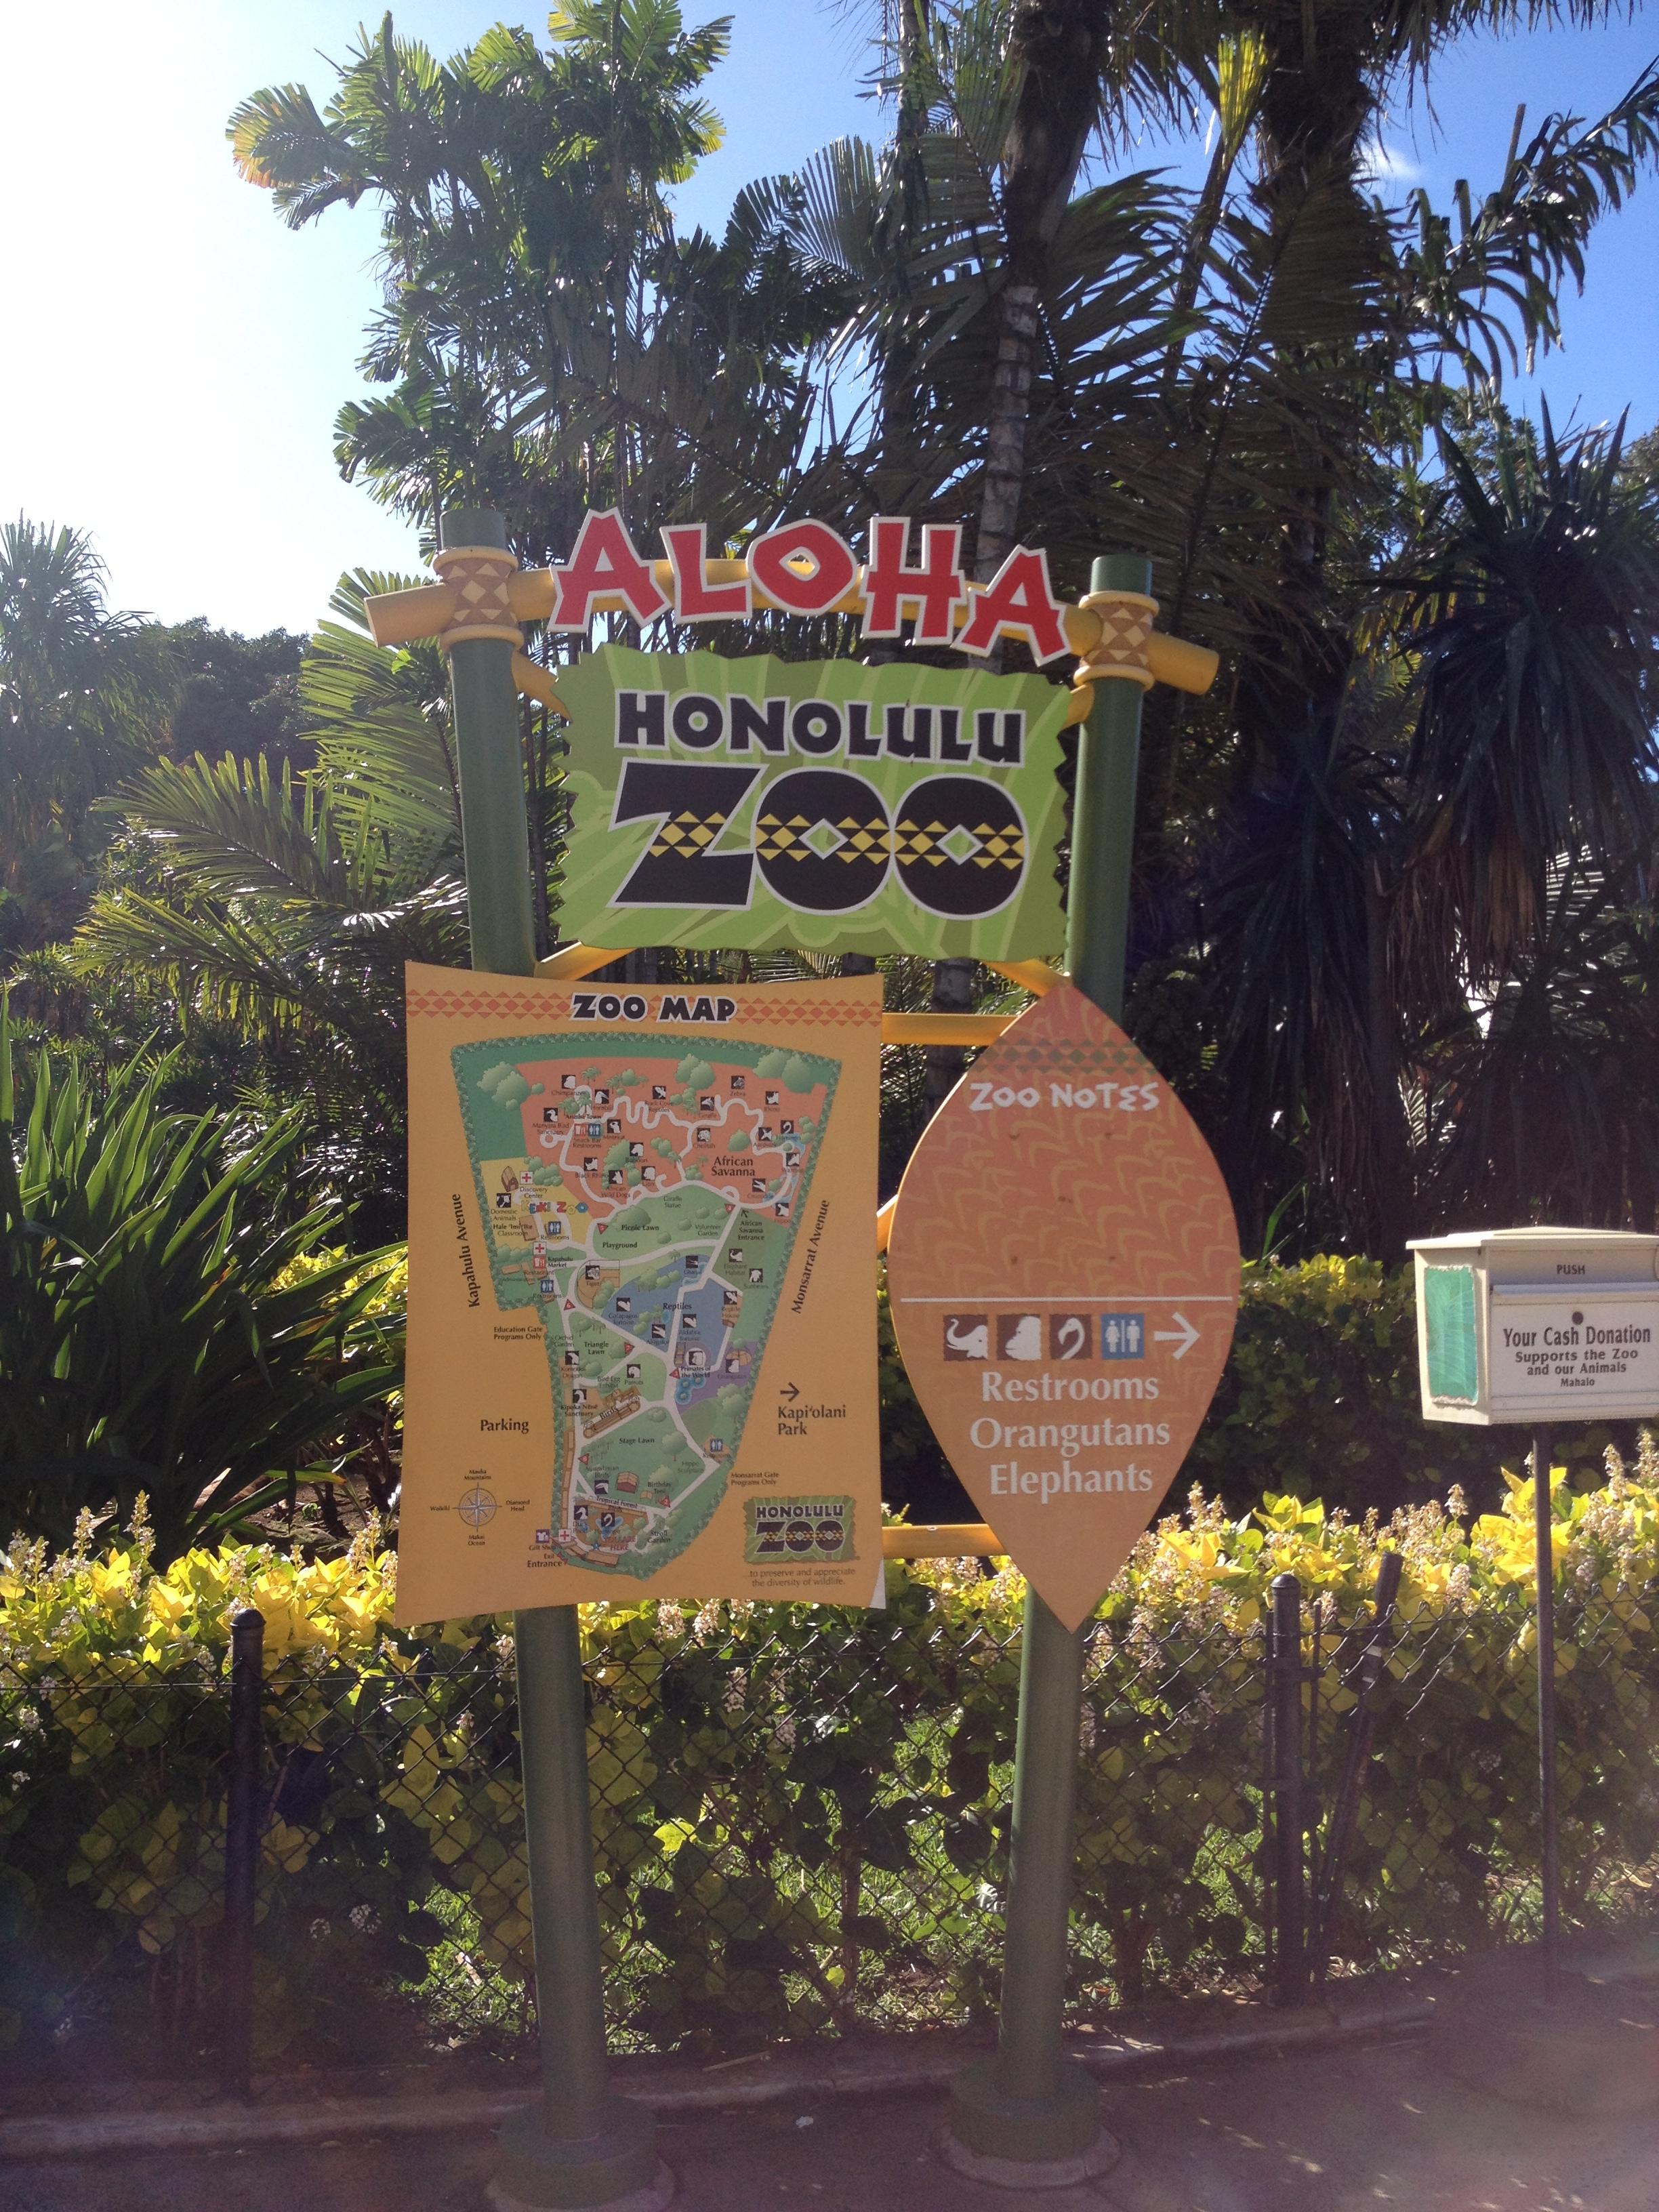 Walk to the Honolulu Zoo 5 Wheels to 5 Star